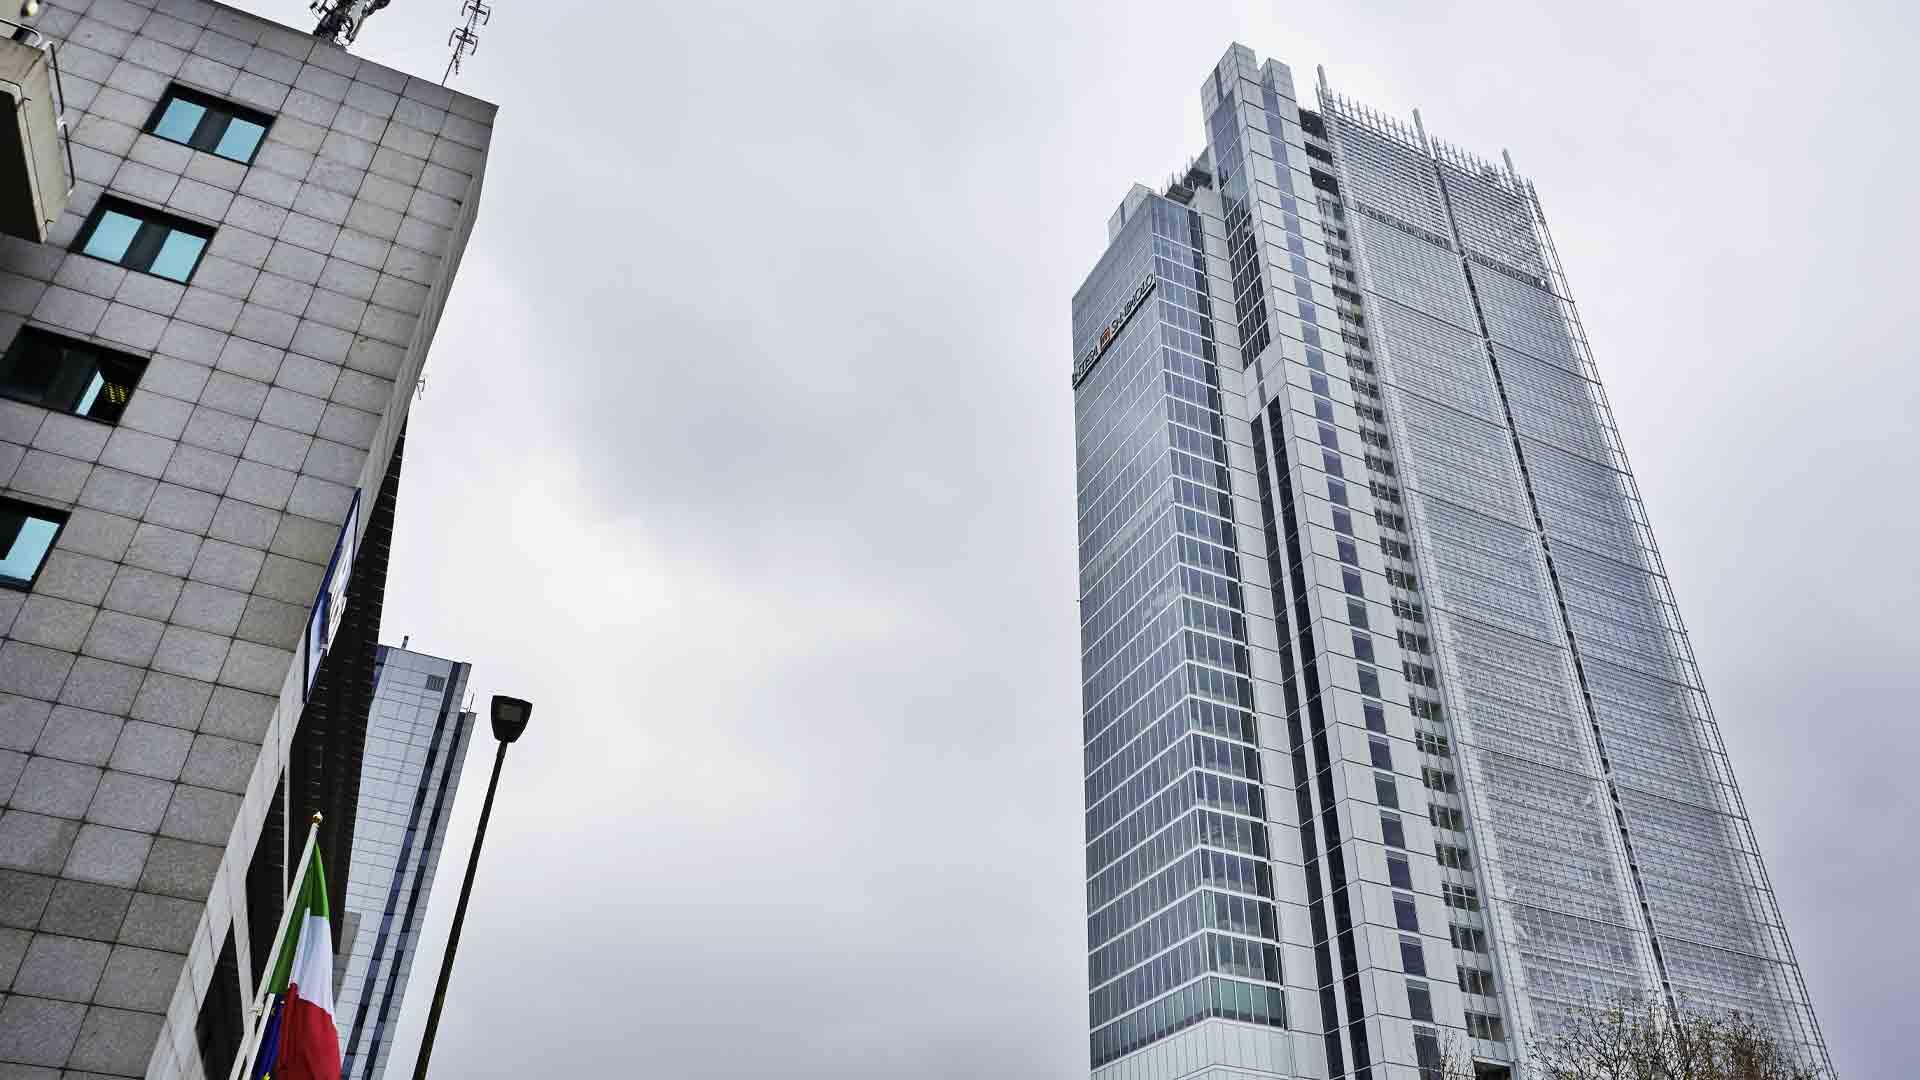 Intesa Sanpaolo – Assemblea degli azionisti: via libera a dividendo per 1,9 miliardi